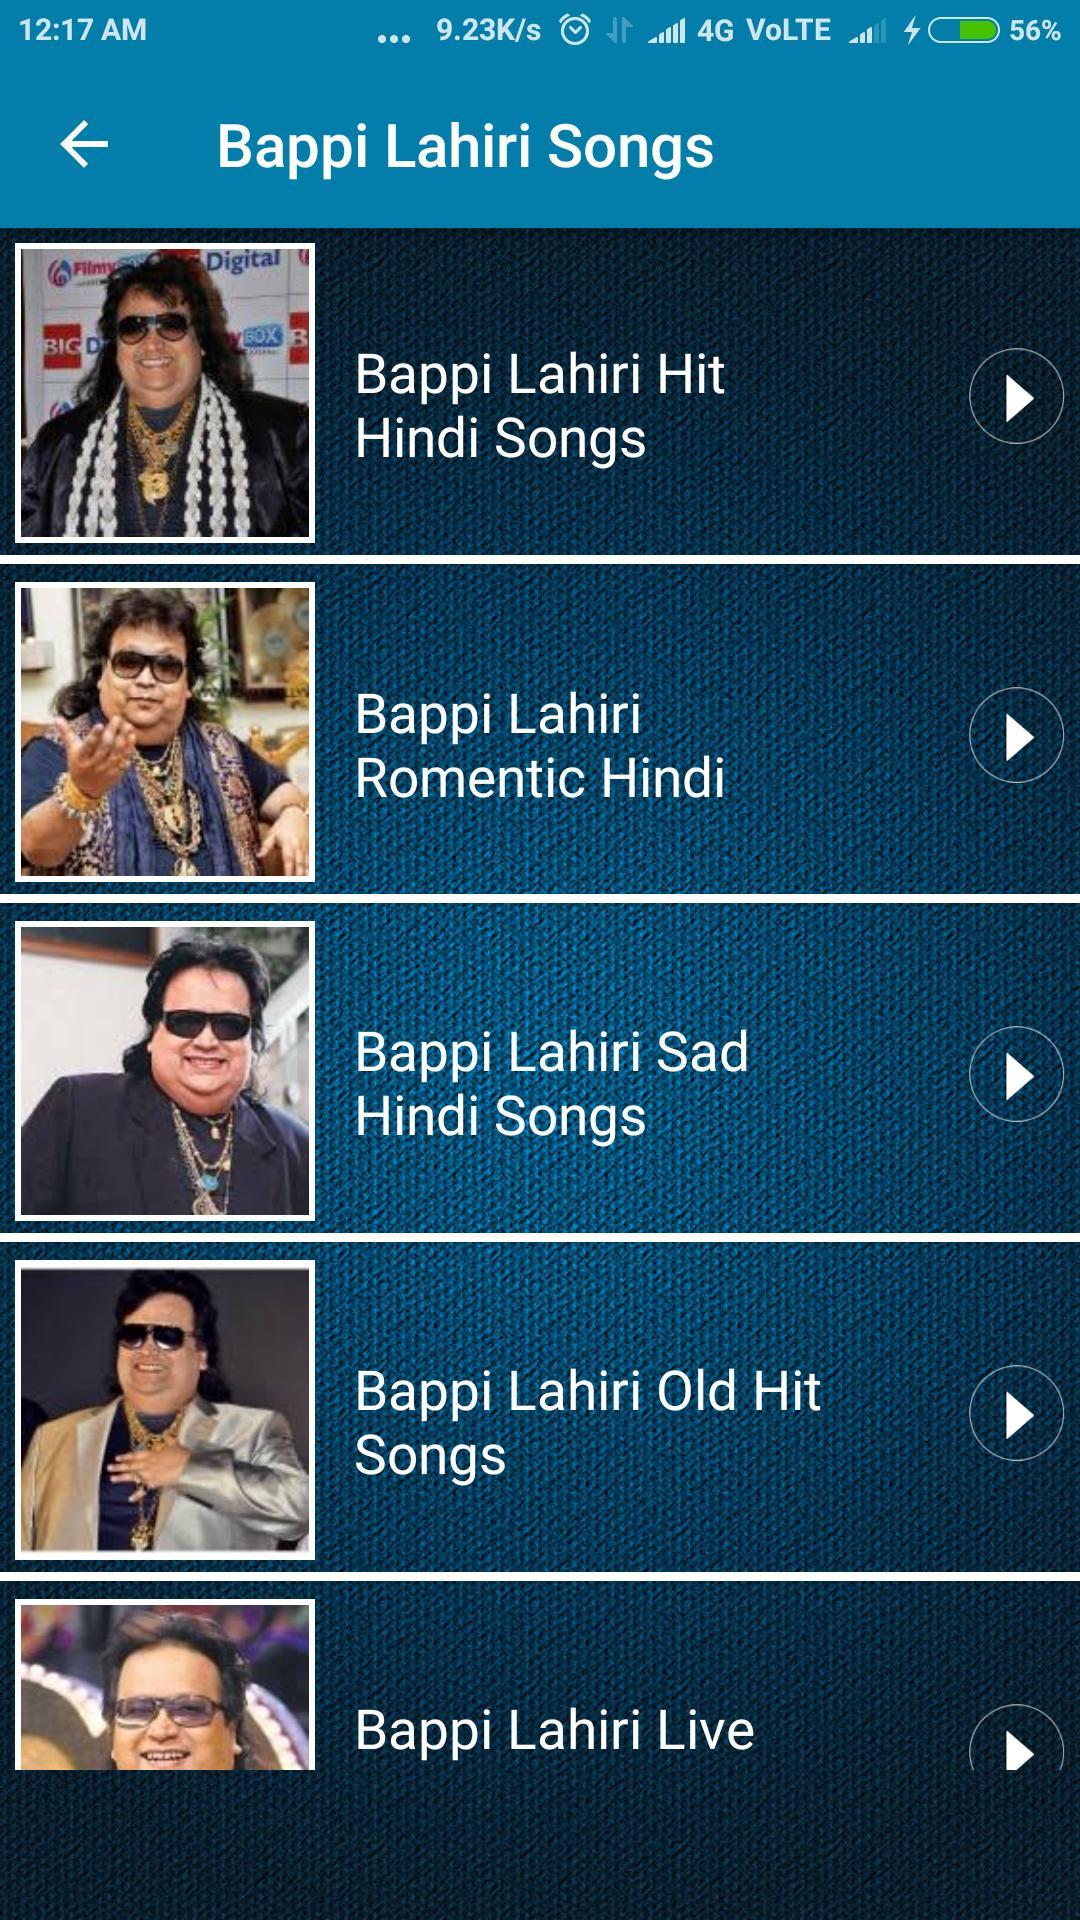 Best Bappi Lahiri Bengali Song Mp3 Download Dj - Bella Esa